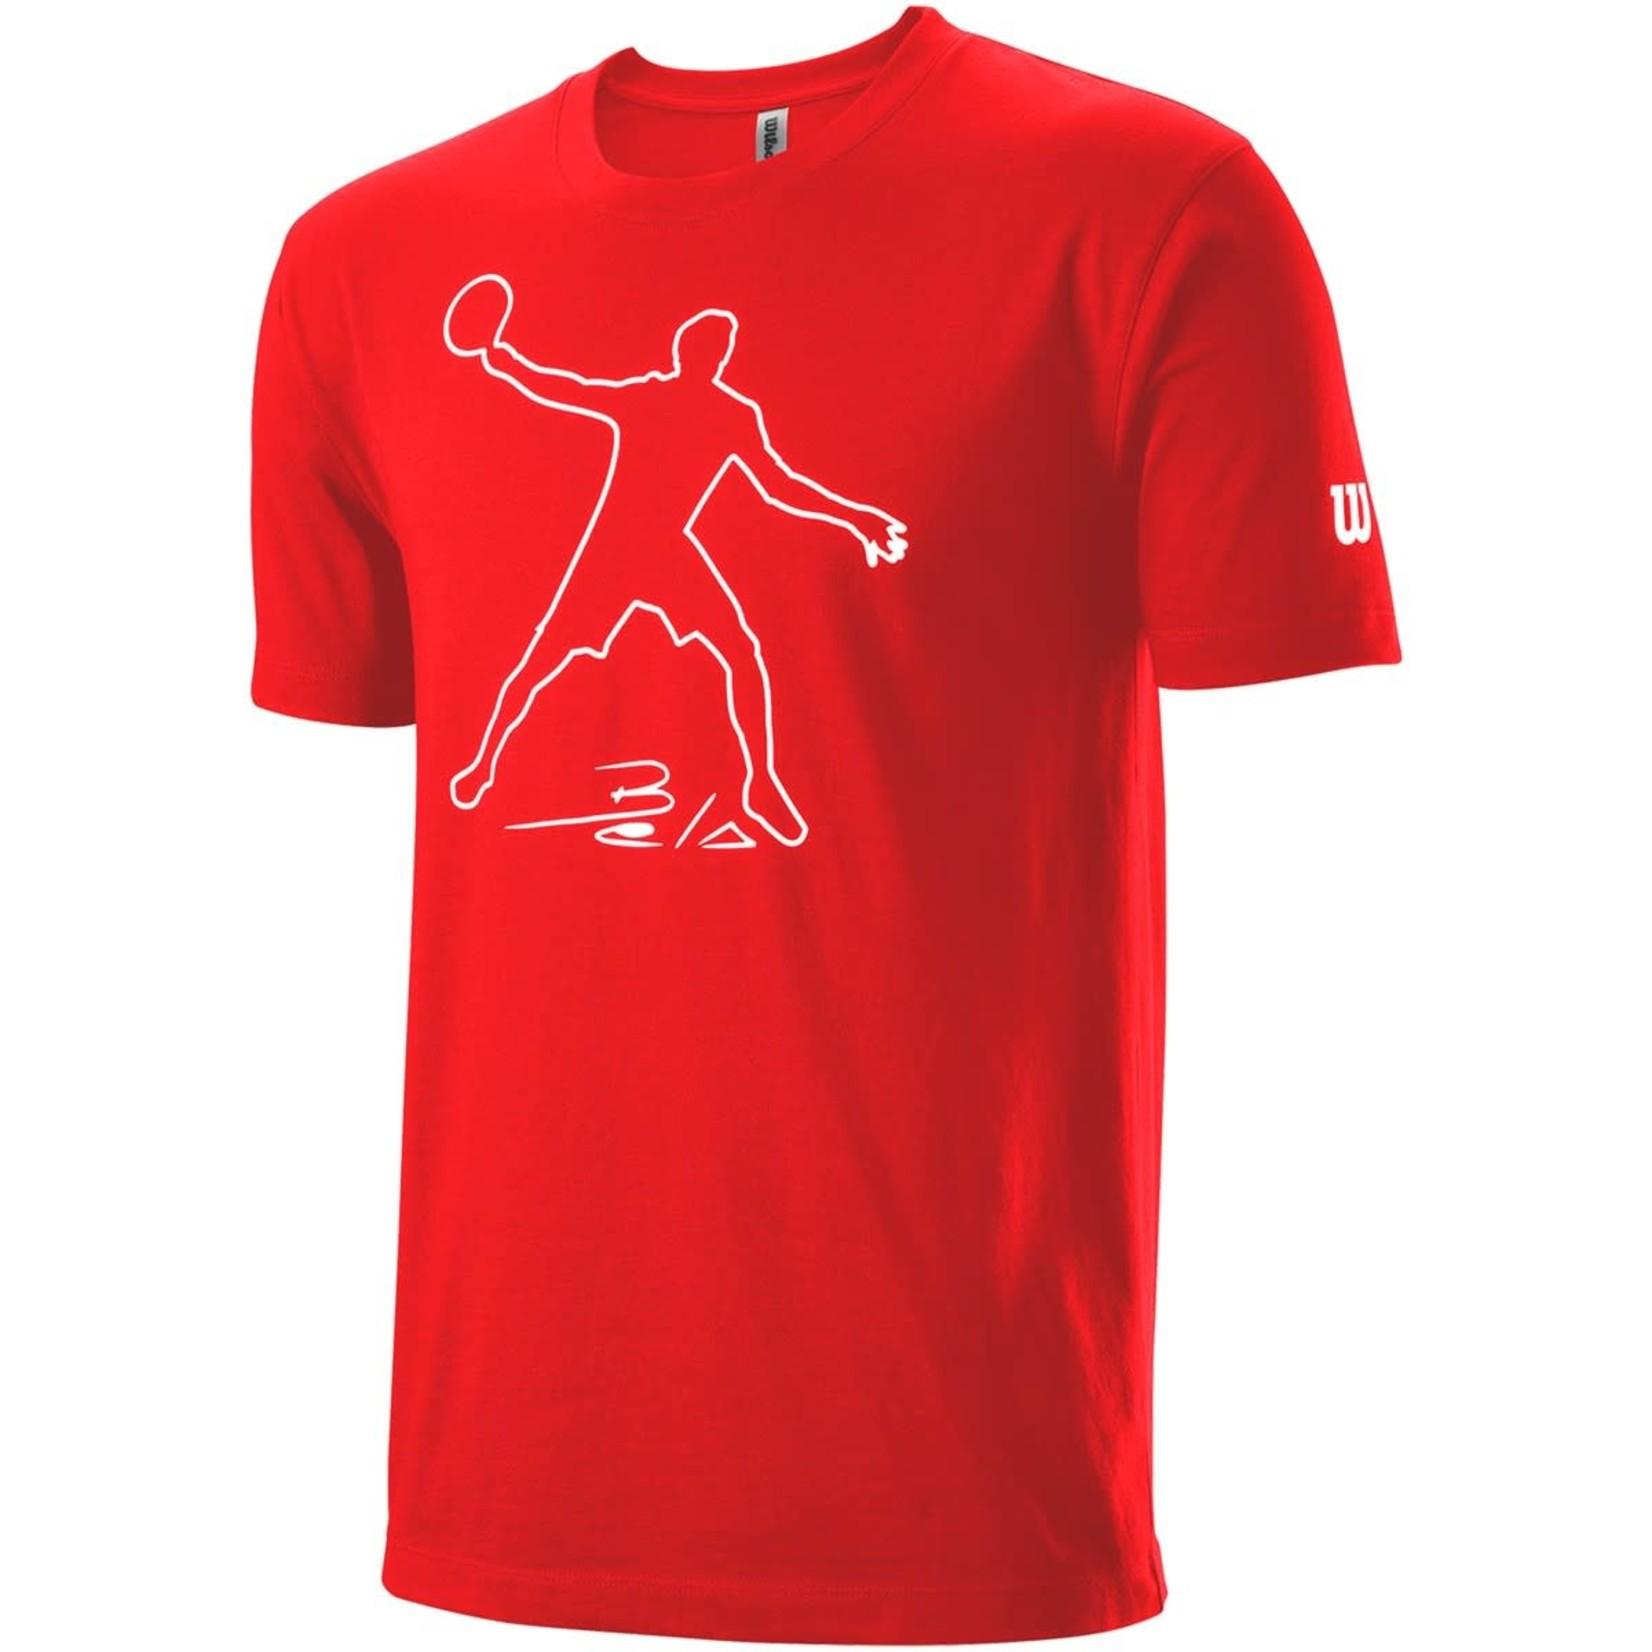 Wilson Bela Tech T-shirt